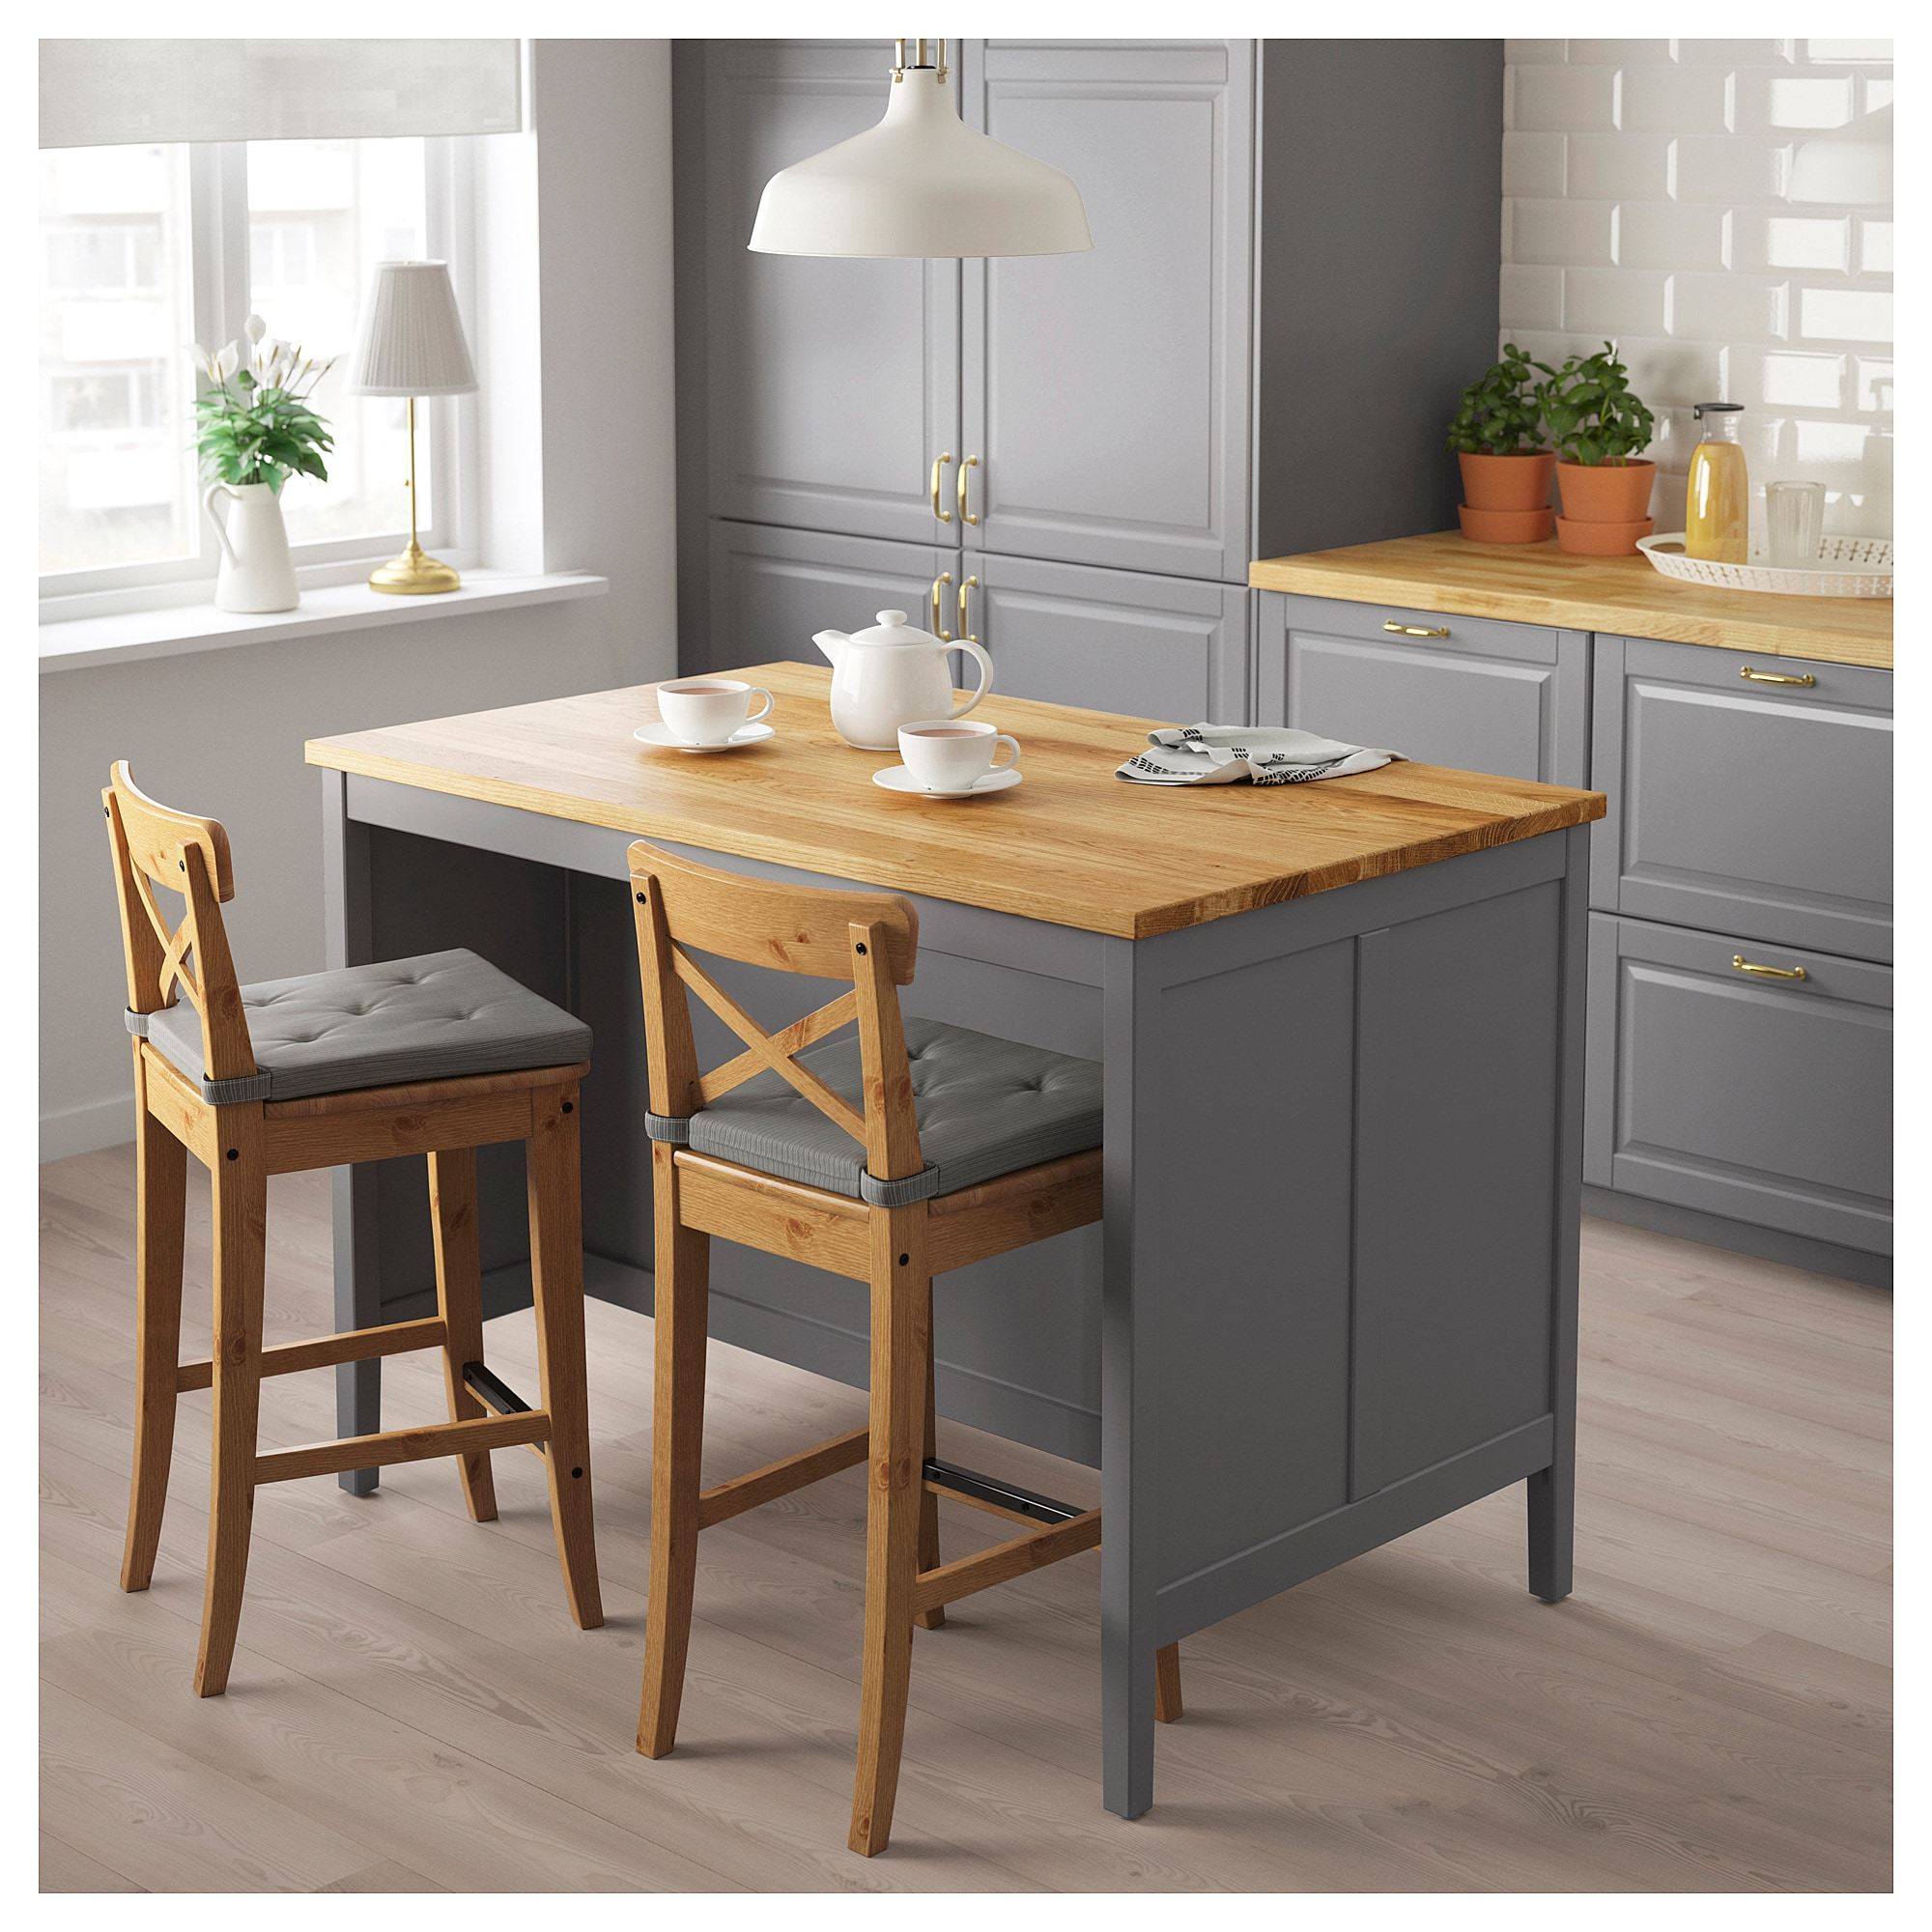 Кухонн стол-остров ТОРНВИКЕН серый артикуль № 204.022.37 в наличии. Online каталог IKEA Минск. Недорогая доставка и монтаж.